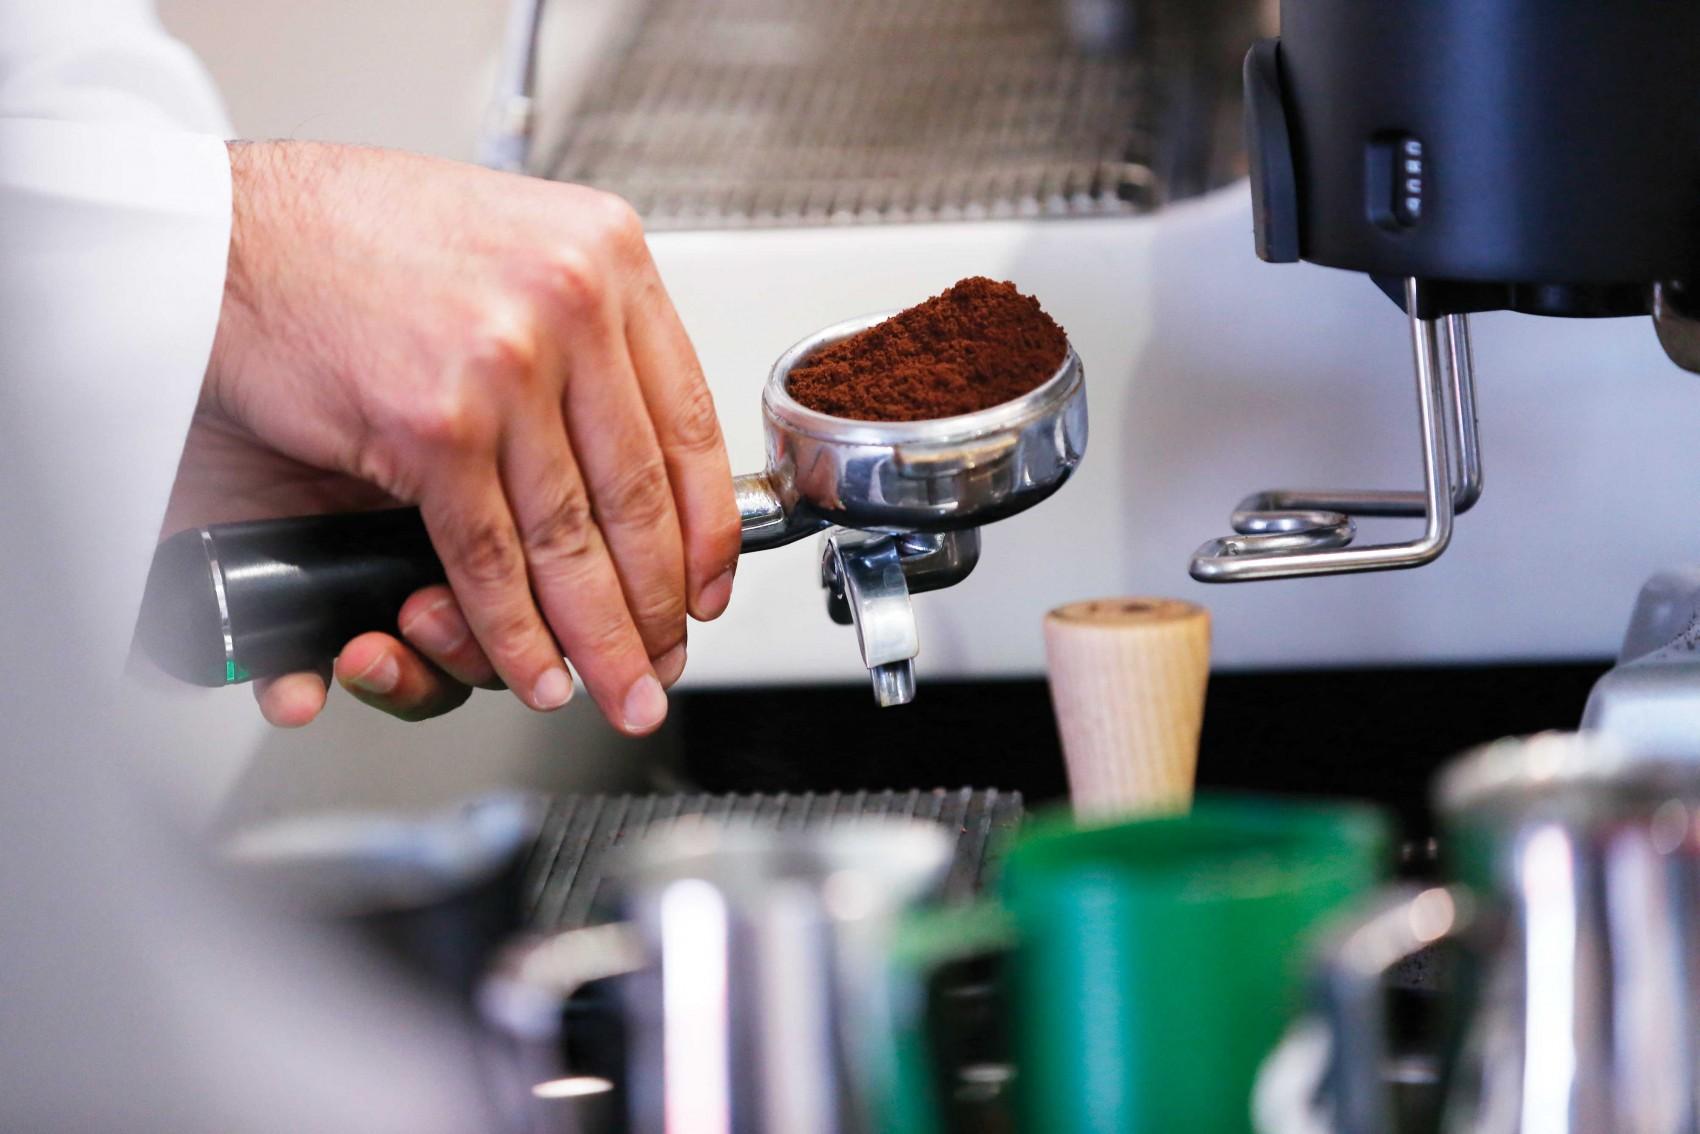 un porta filtro con cafe molido listo para extraer un espresso